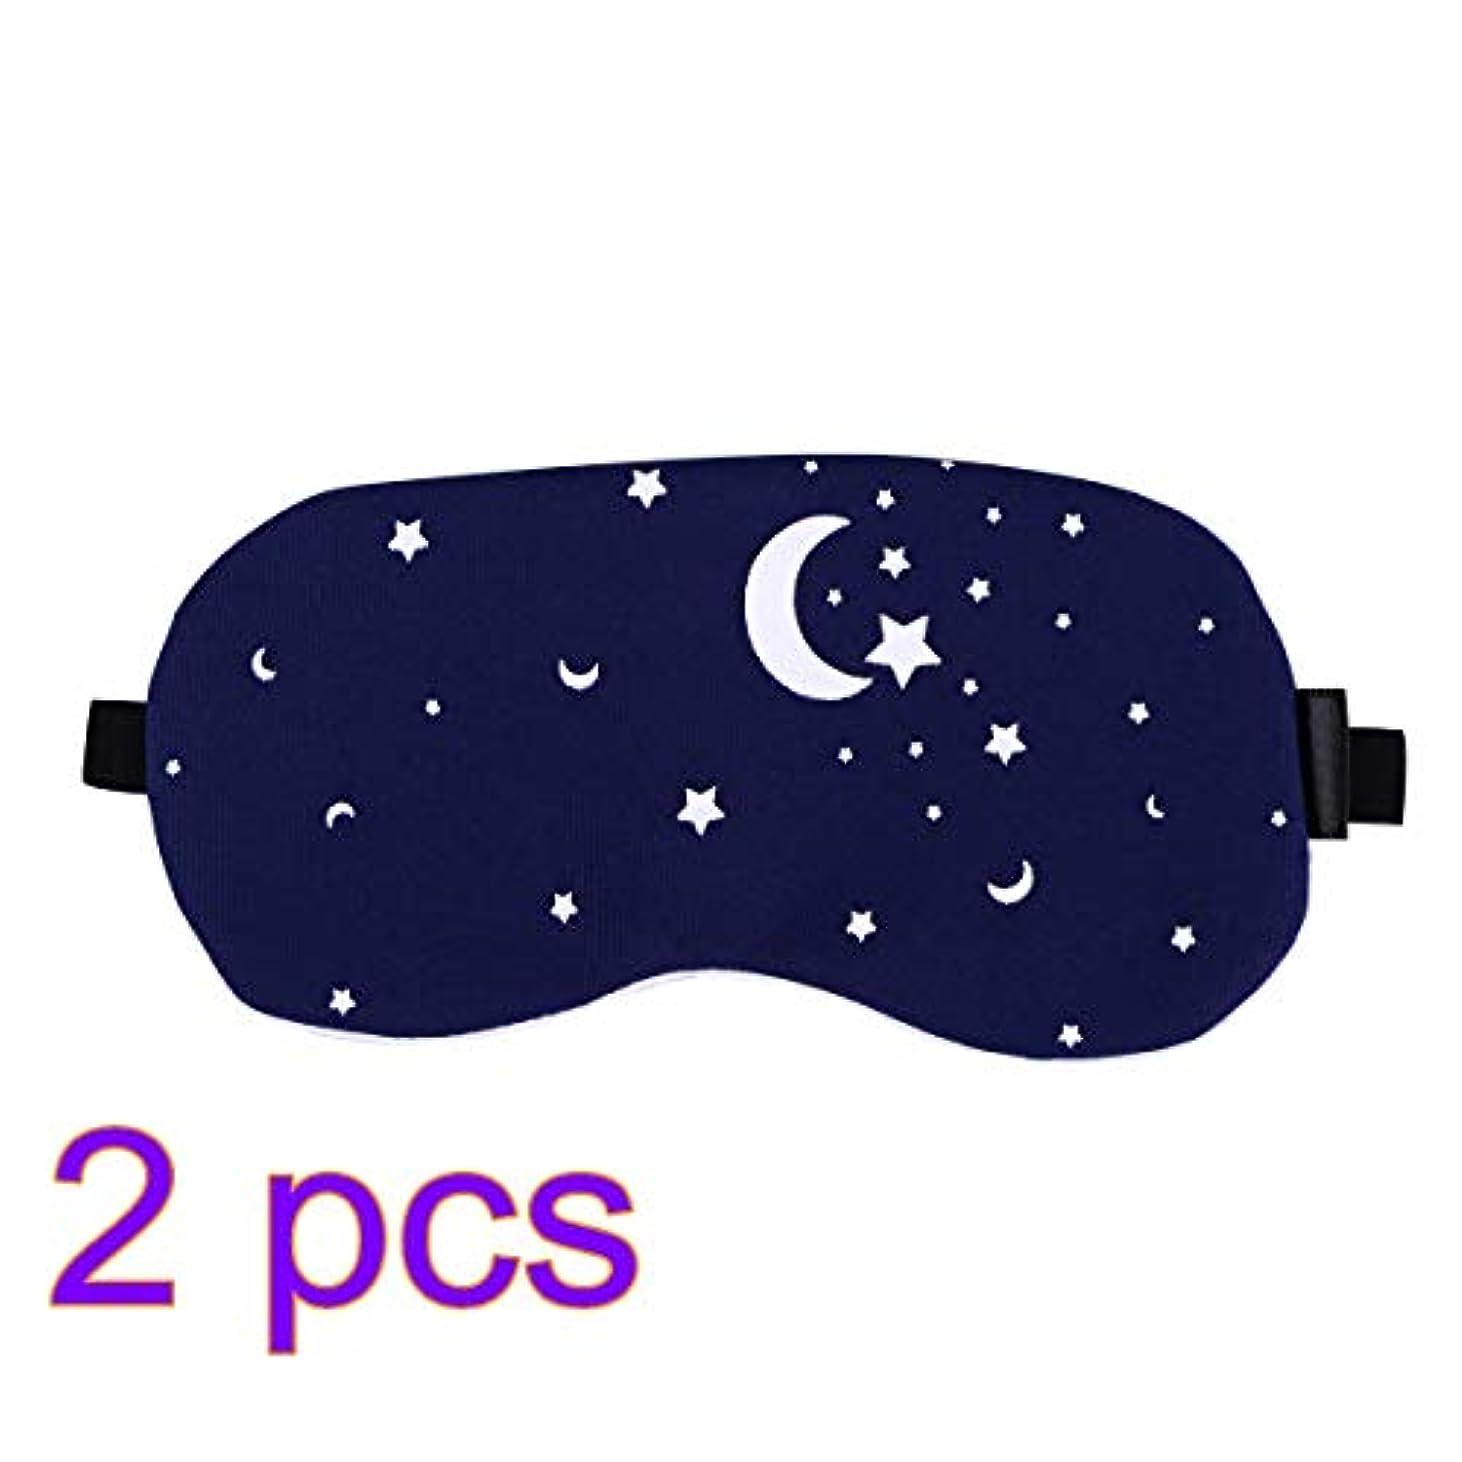 構成員集団実行するHealifty コットンとリネンアイスリーピングマスクブラインドパッチアジャストストラップコールド/ホットジェルストレス緩和用女性のためのふくらんでいる目の頭痛を解消2pcs(Starry Sky)